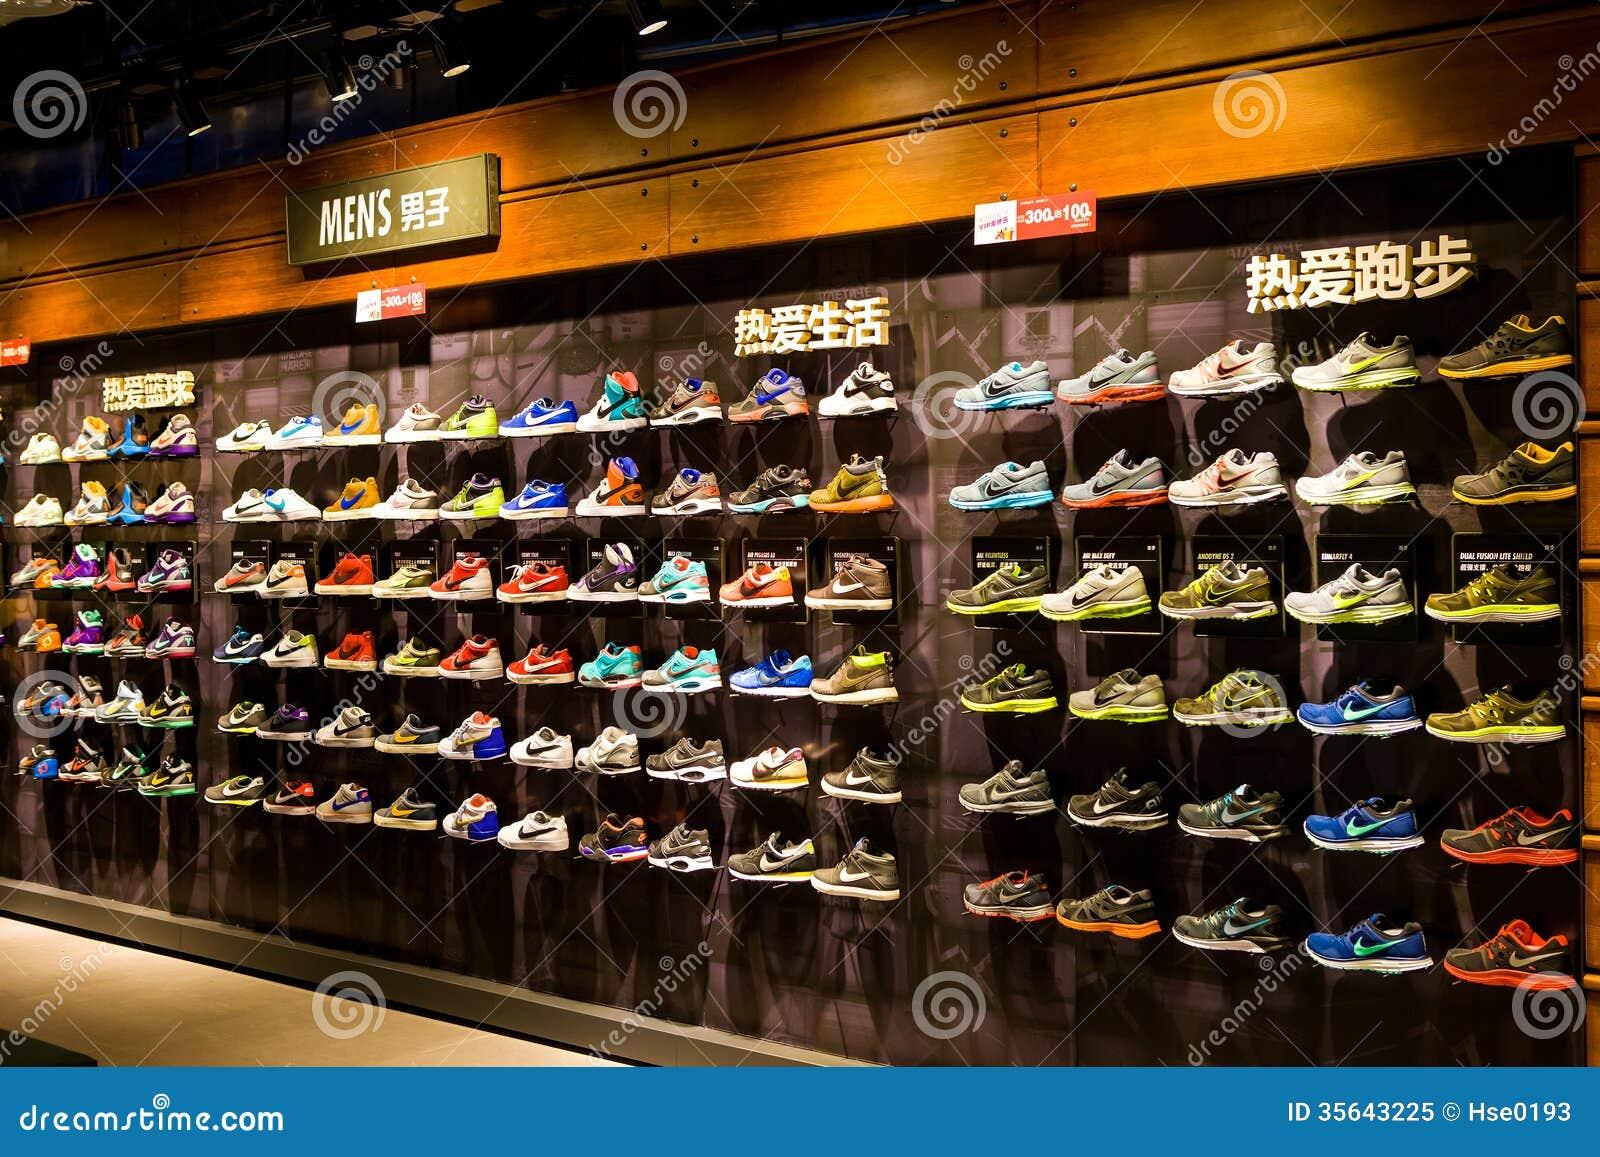 Kjclf3ut15 Scarpe Di Nike A Negozi Bologna L3c5qS4ARj